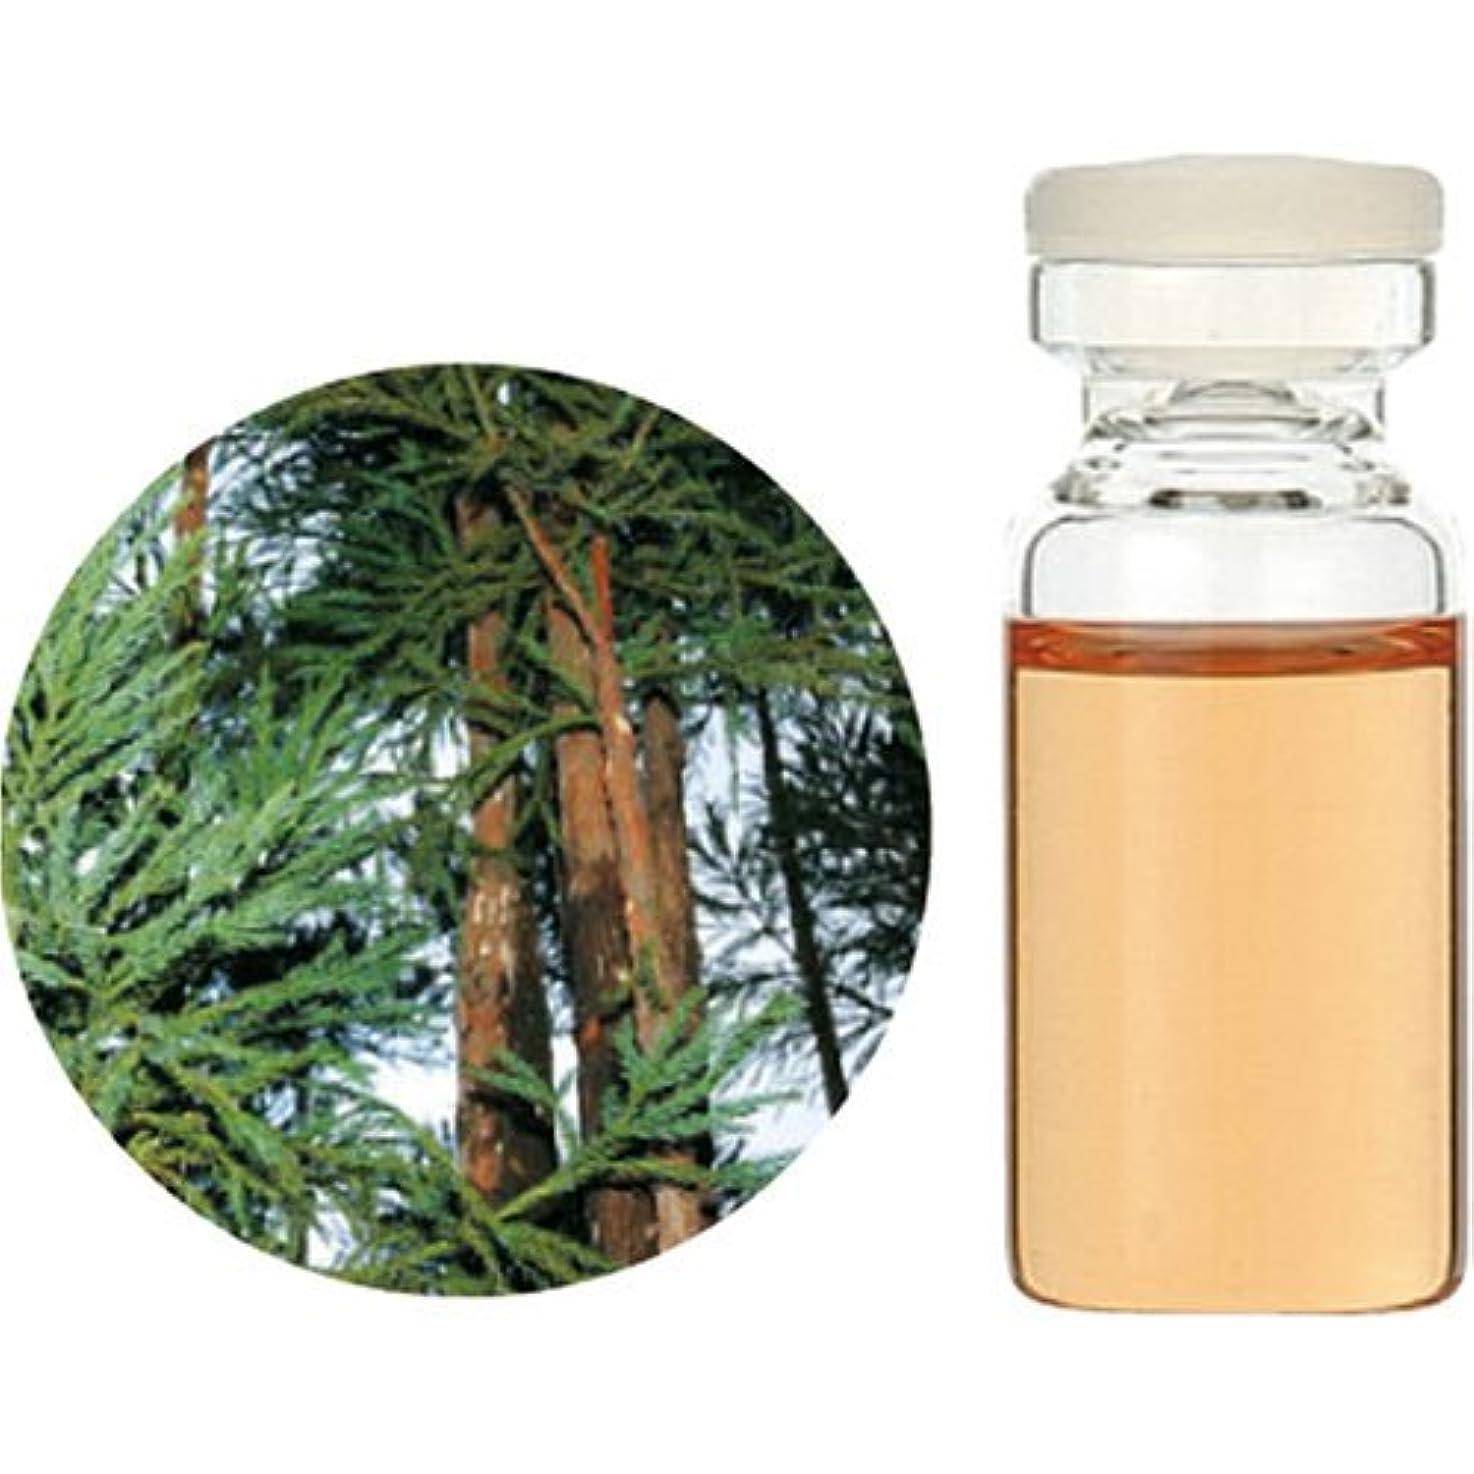 ちょうつがいフィルタ歴史的生活の木 C 和精油 杉 (木部) エッセンシャルオイル 10ml